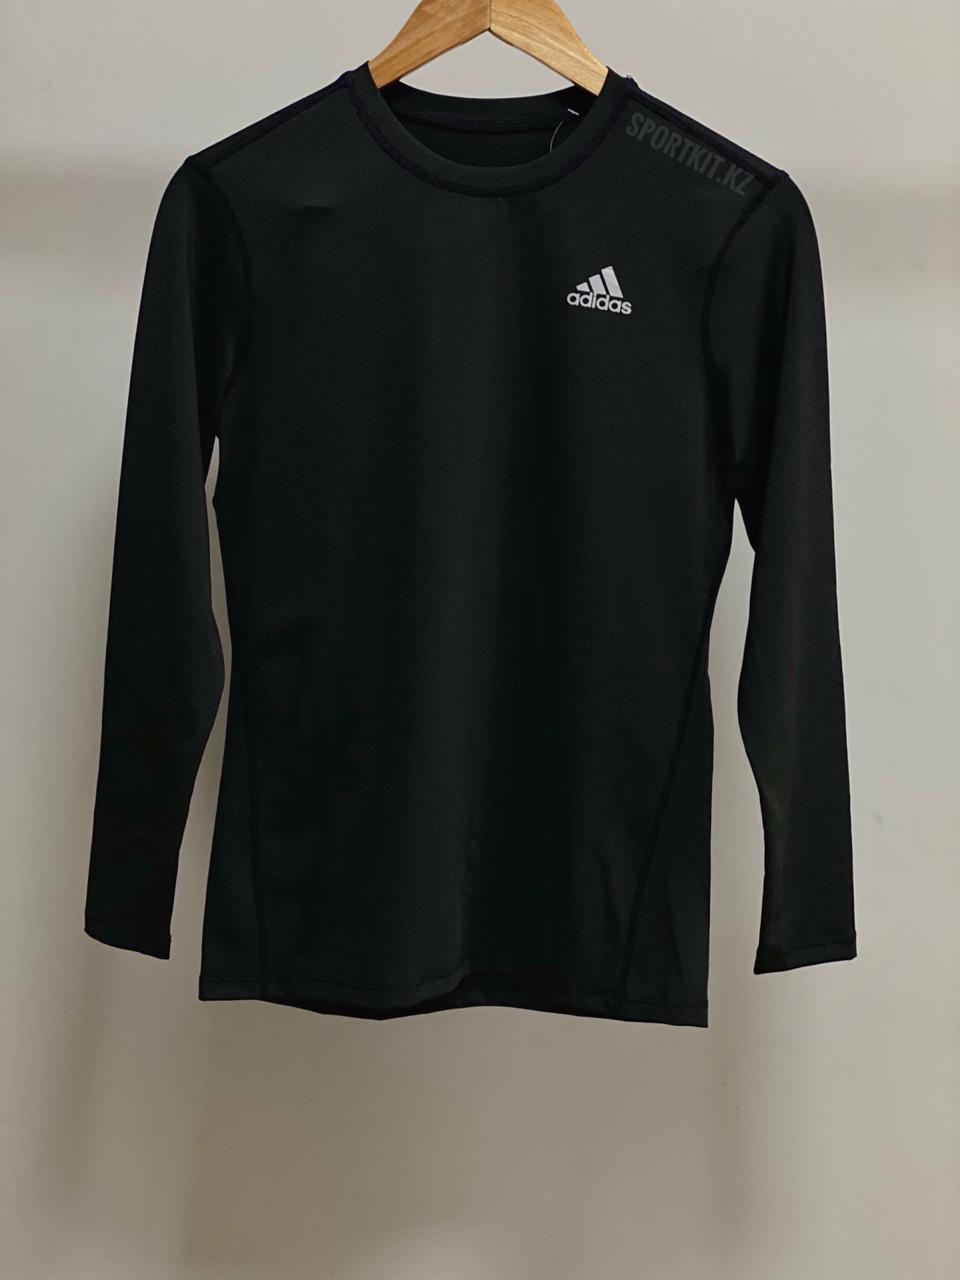 Рашгард 5 в 1 Adidas комплект - фото 4